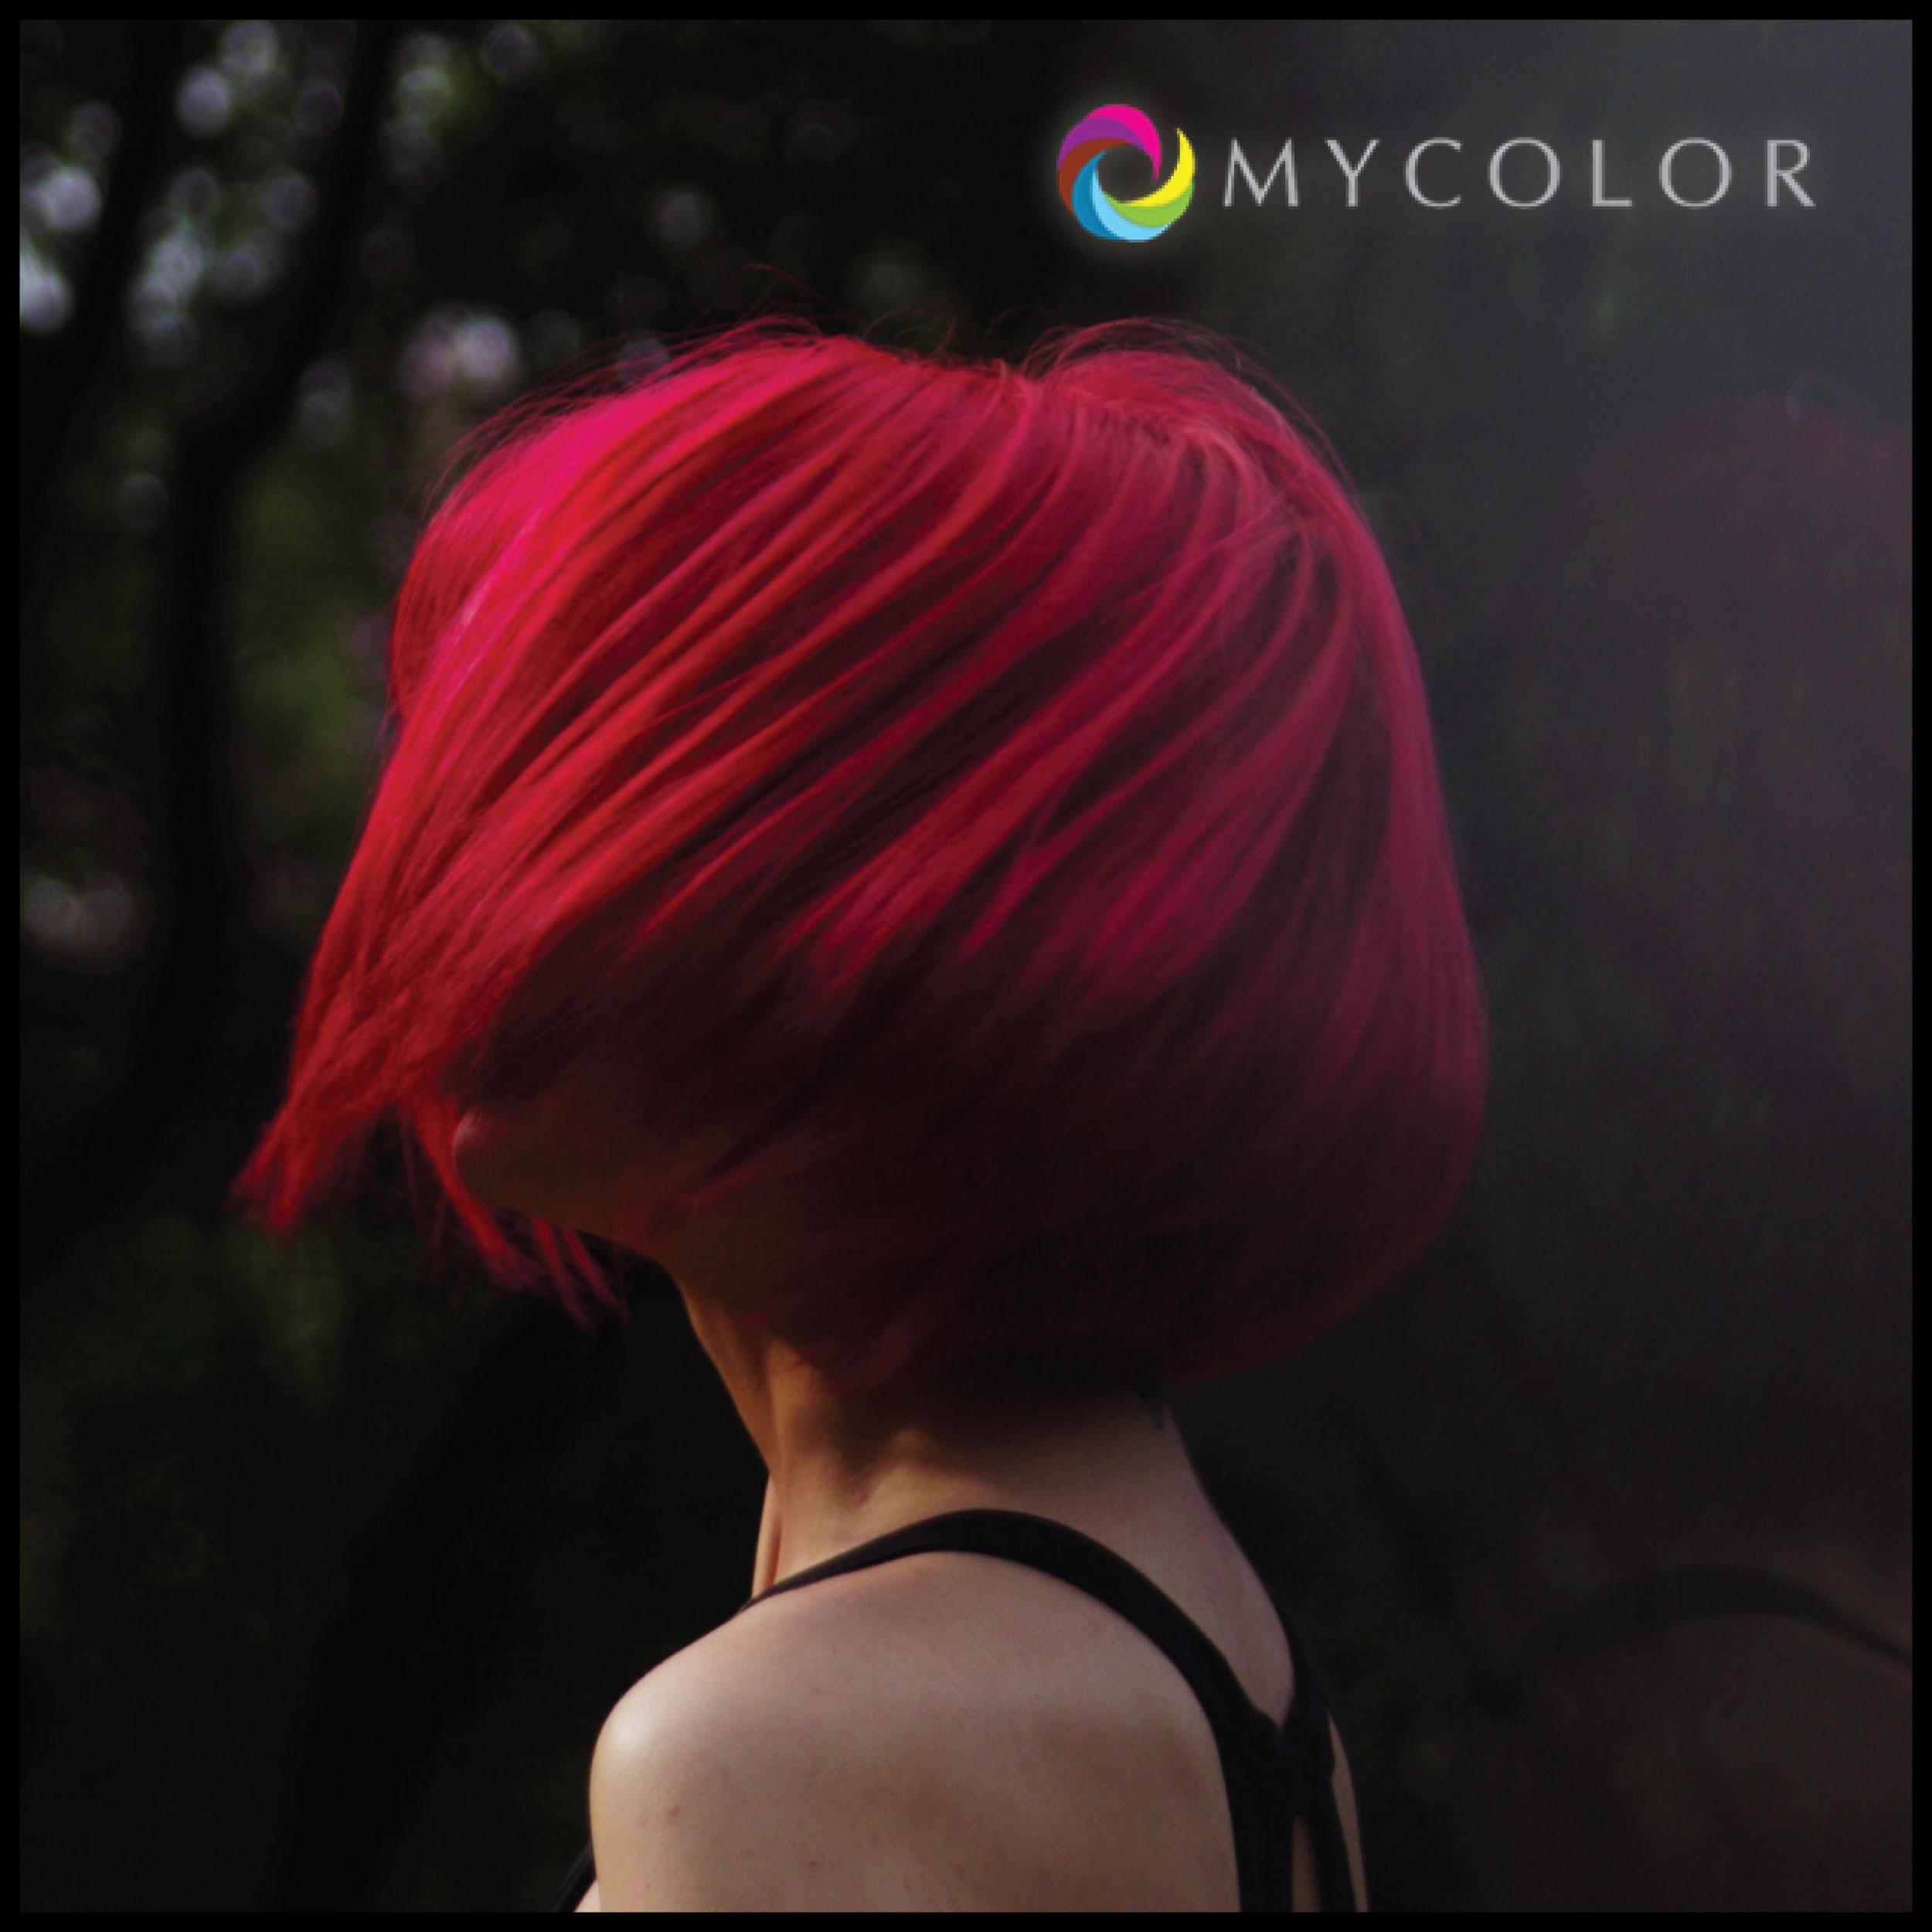 Mycolor.jpg